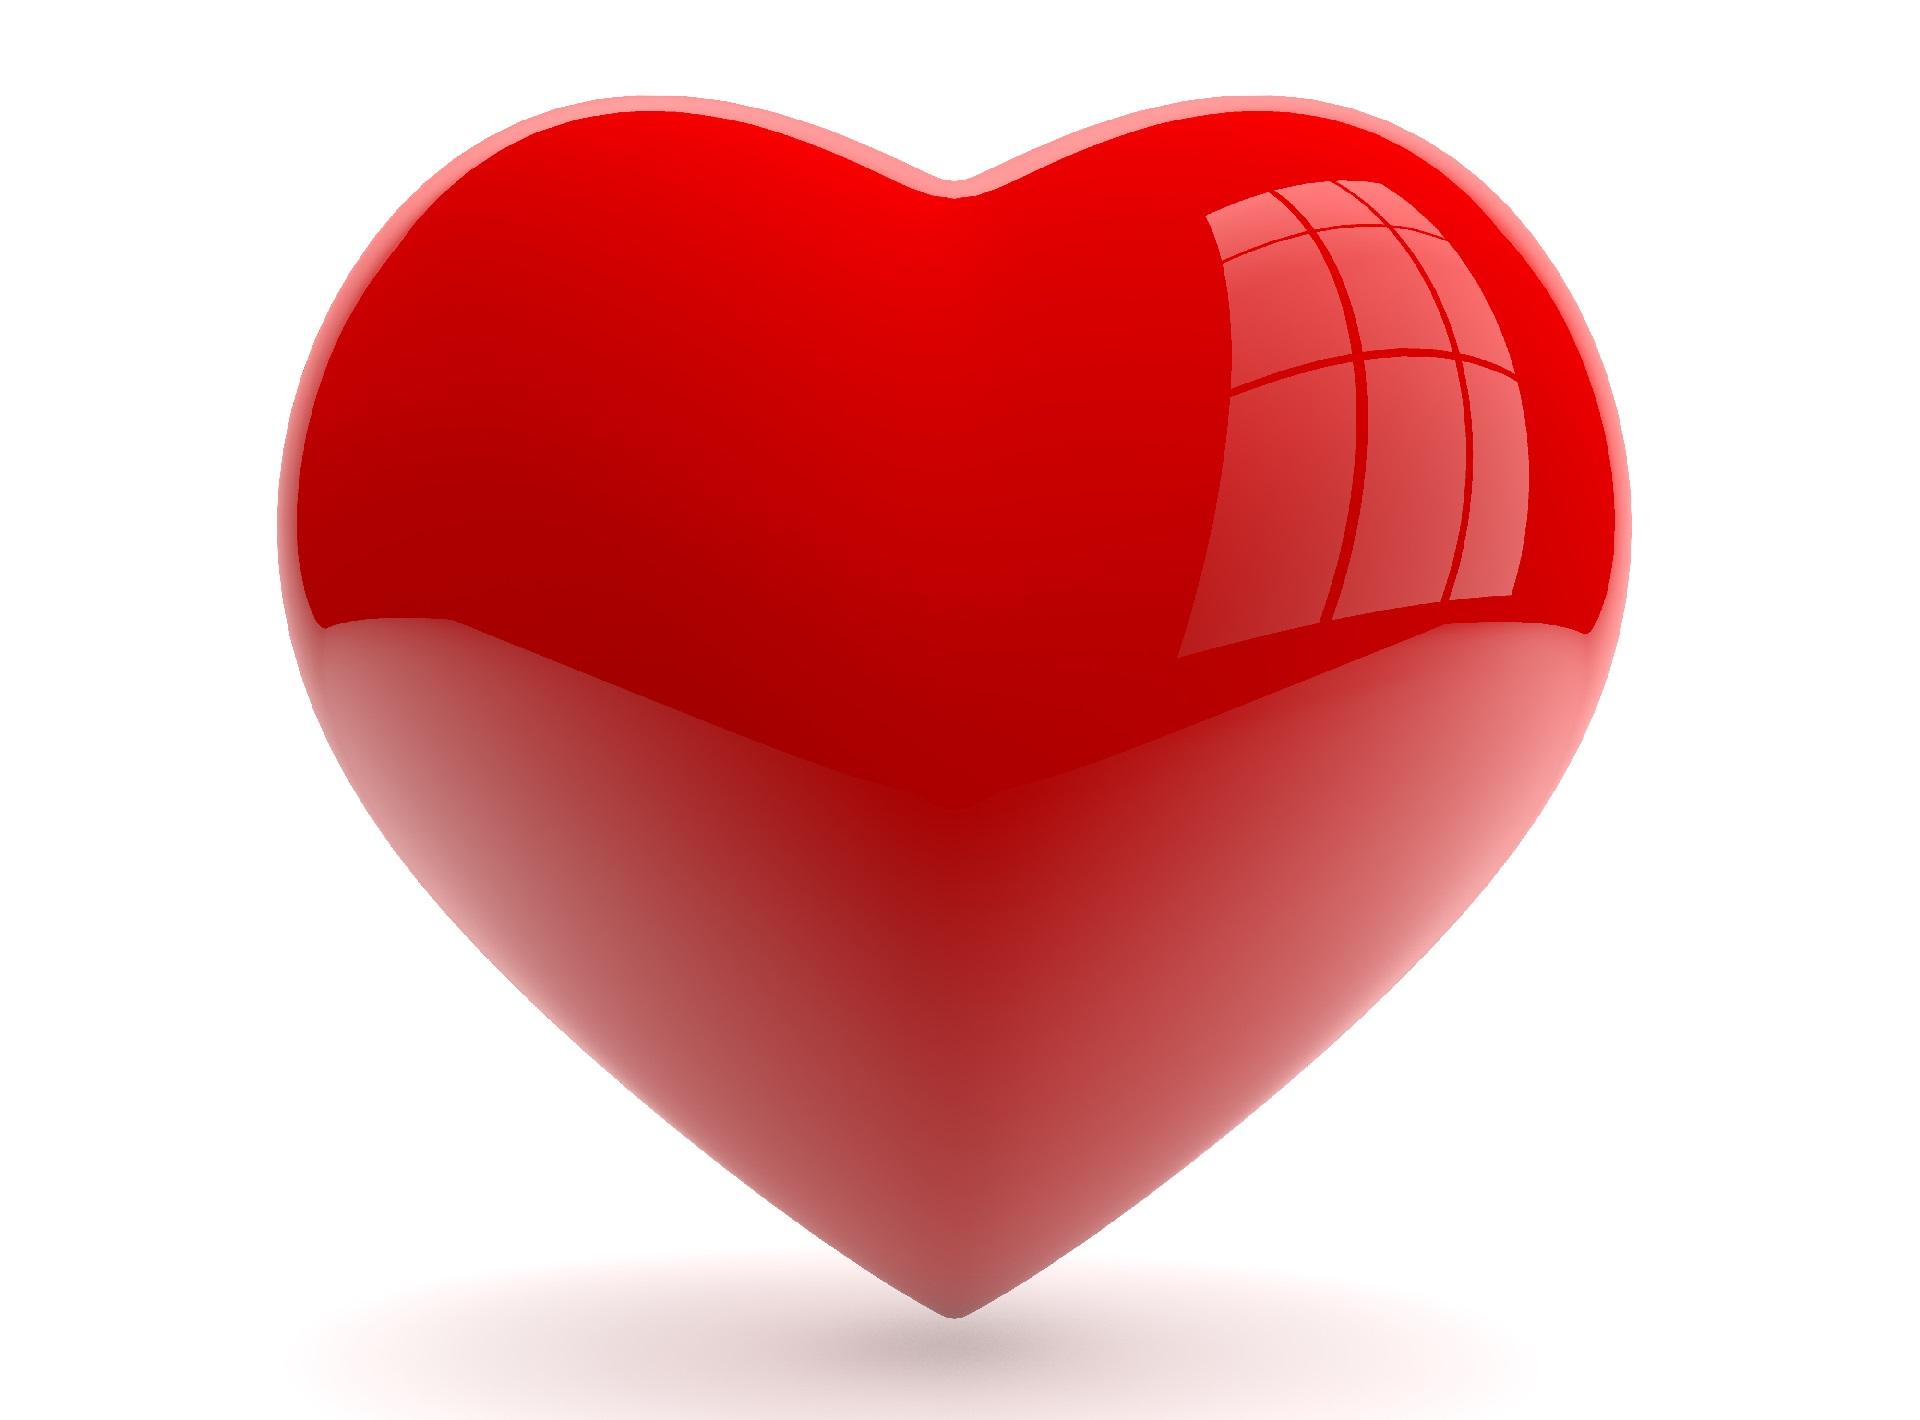 Что такое любовь к себе, Что значит «любить себя», Что означает любовь к себе,